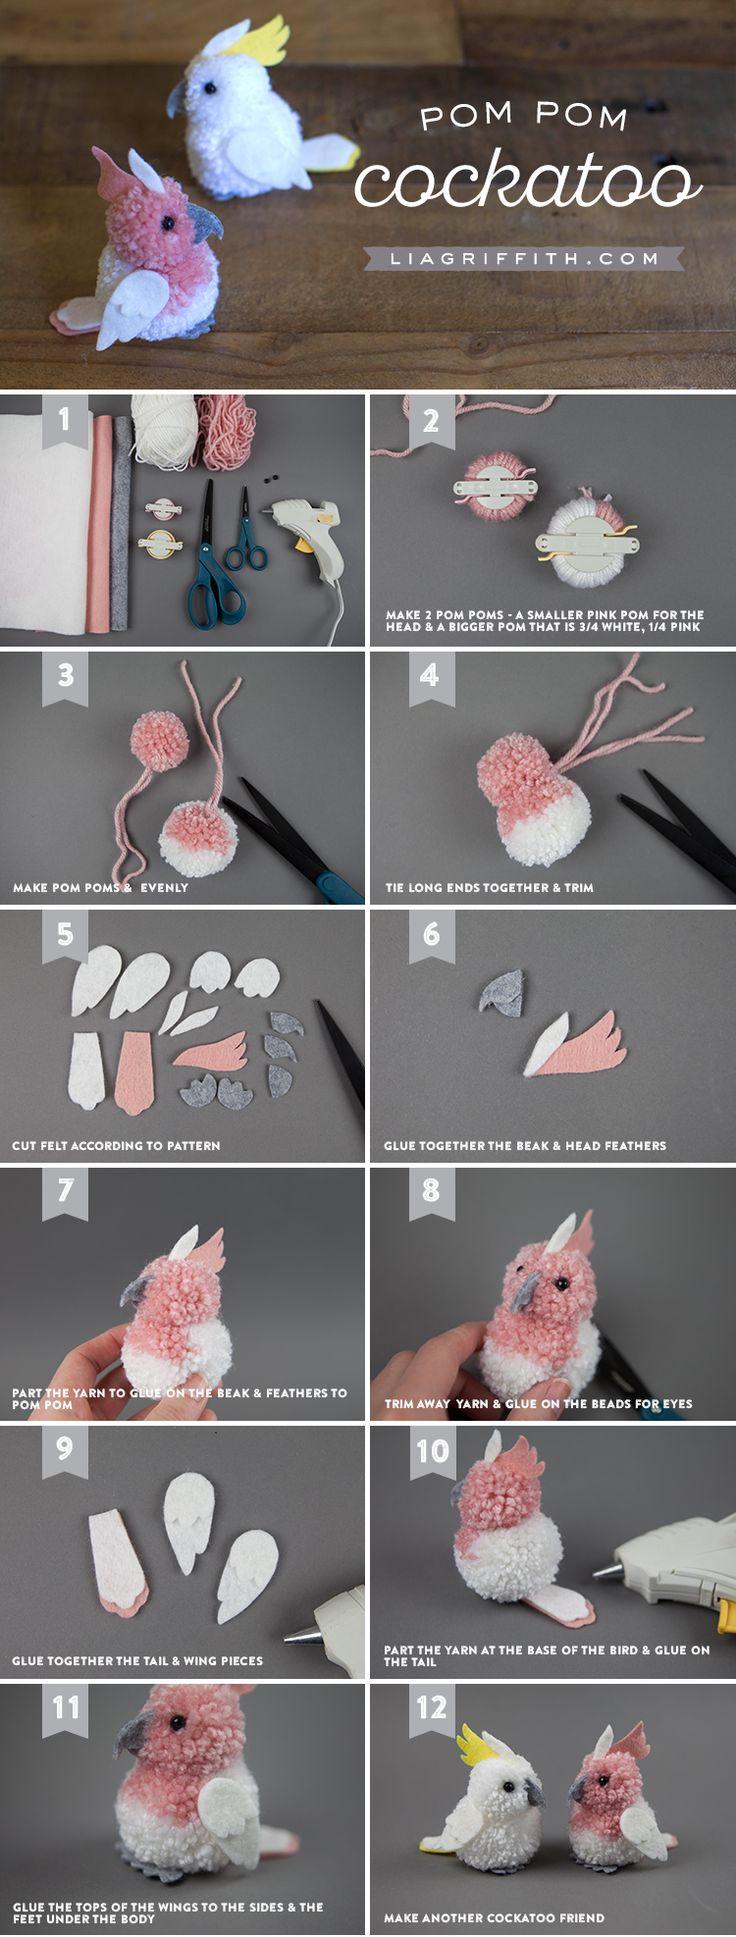 Craft These Really Cute Pom-Pom & Felt Cockatoos!